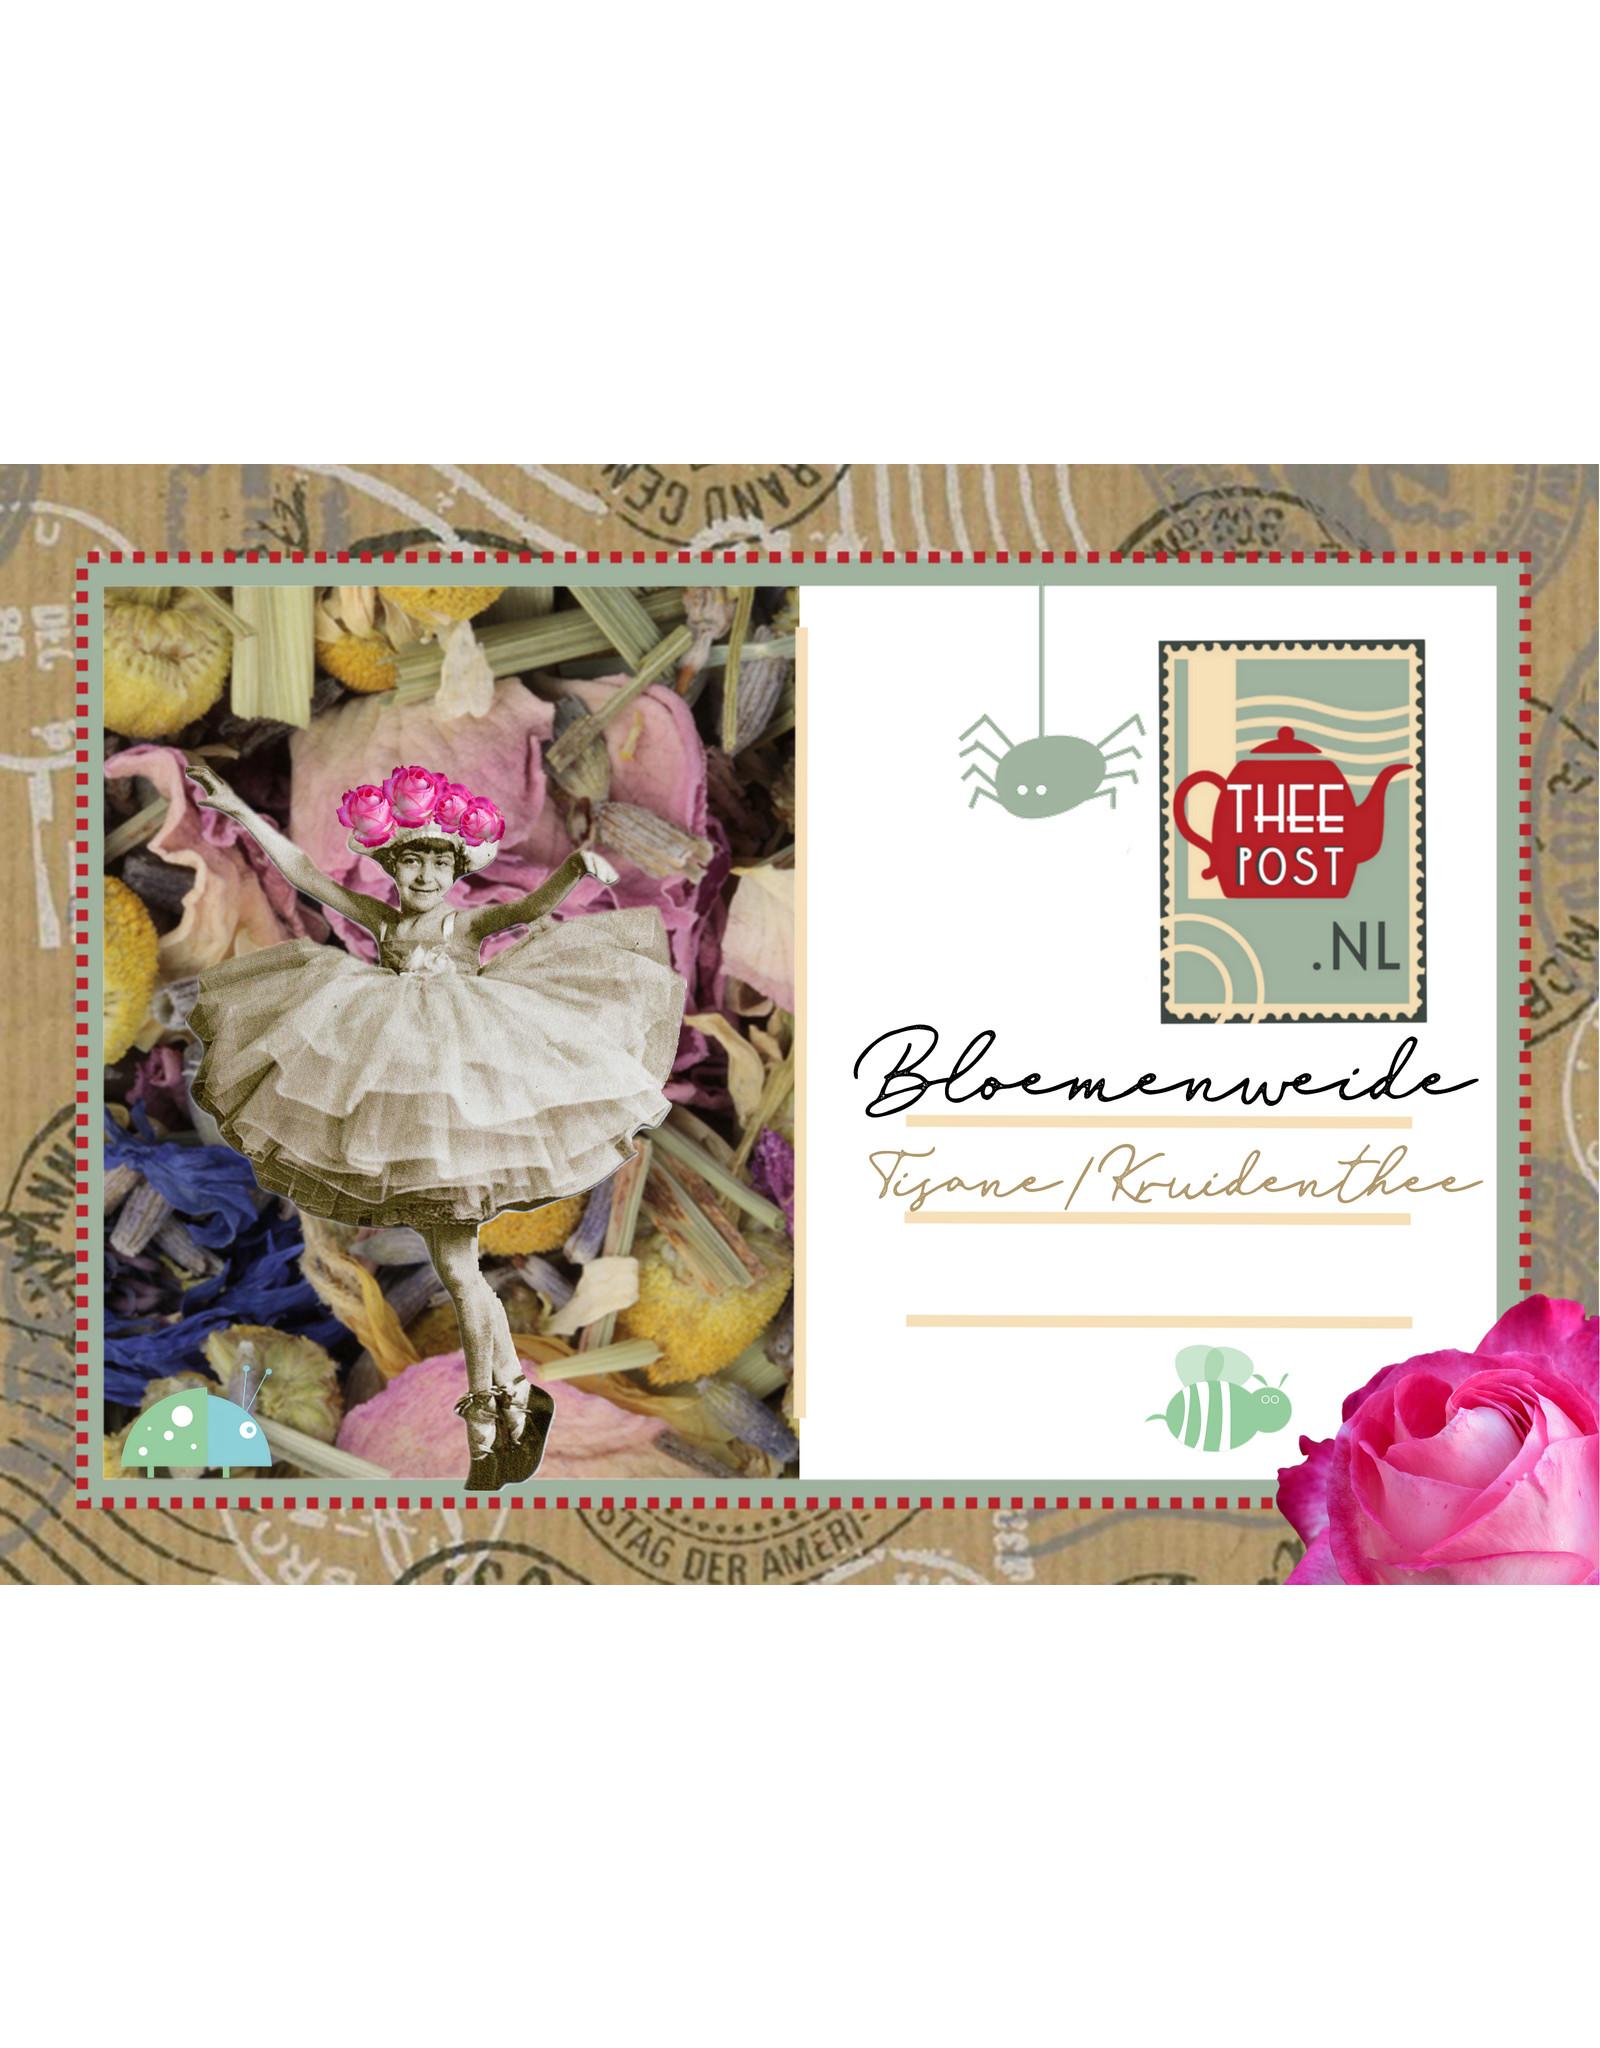 Bloemenweide & BeeFriendly-zaadjes